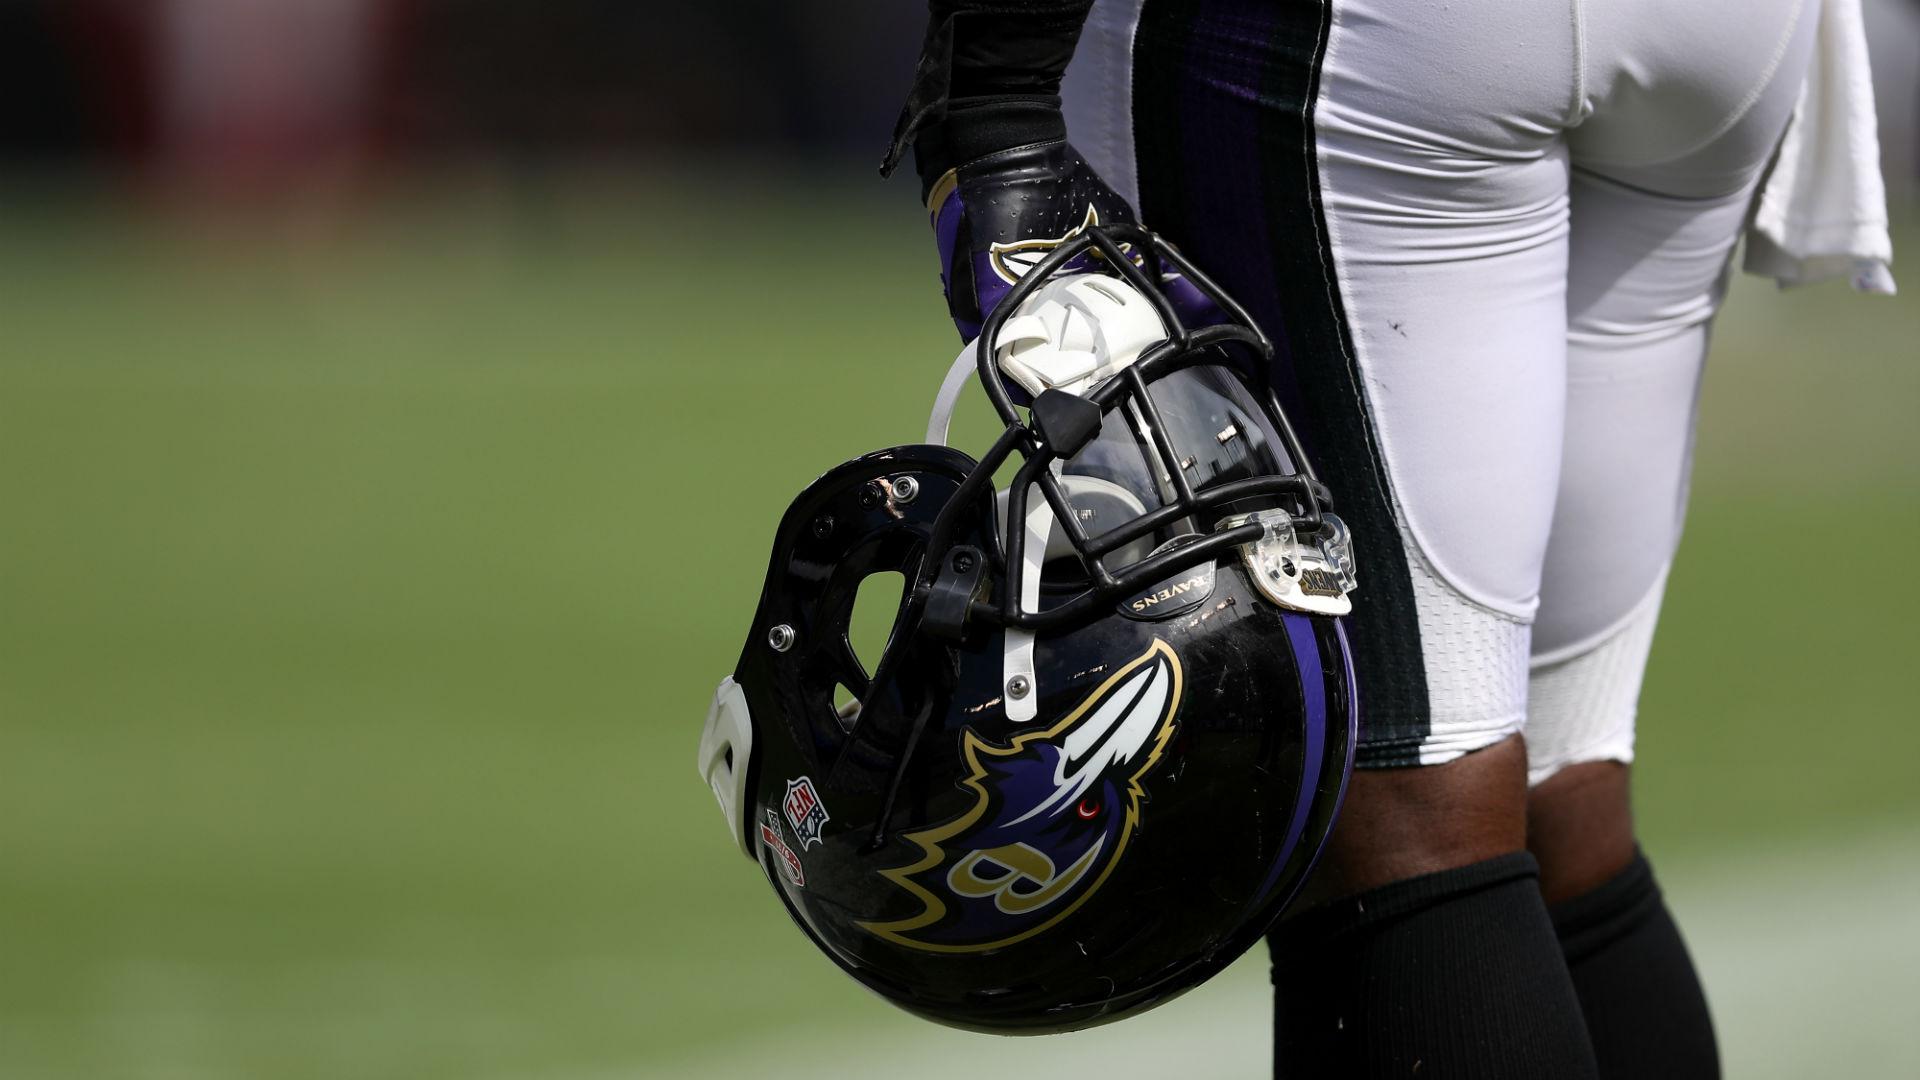 Ravens-helmet-nfl-getty-ftrjpg_pkcrp3u76i6w1jq90dzuz7ay6